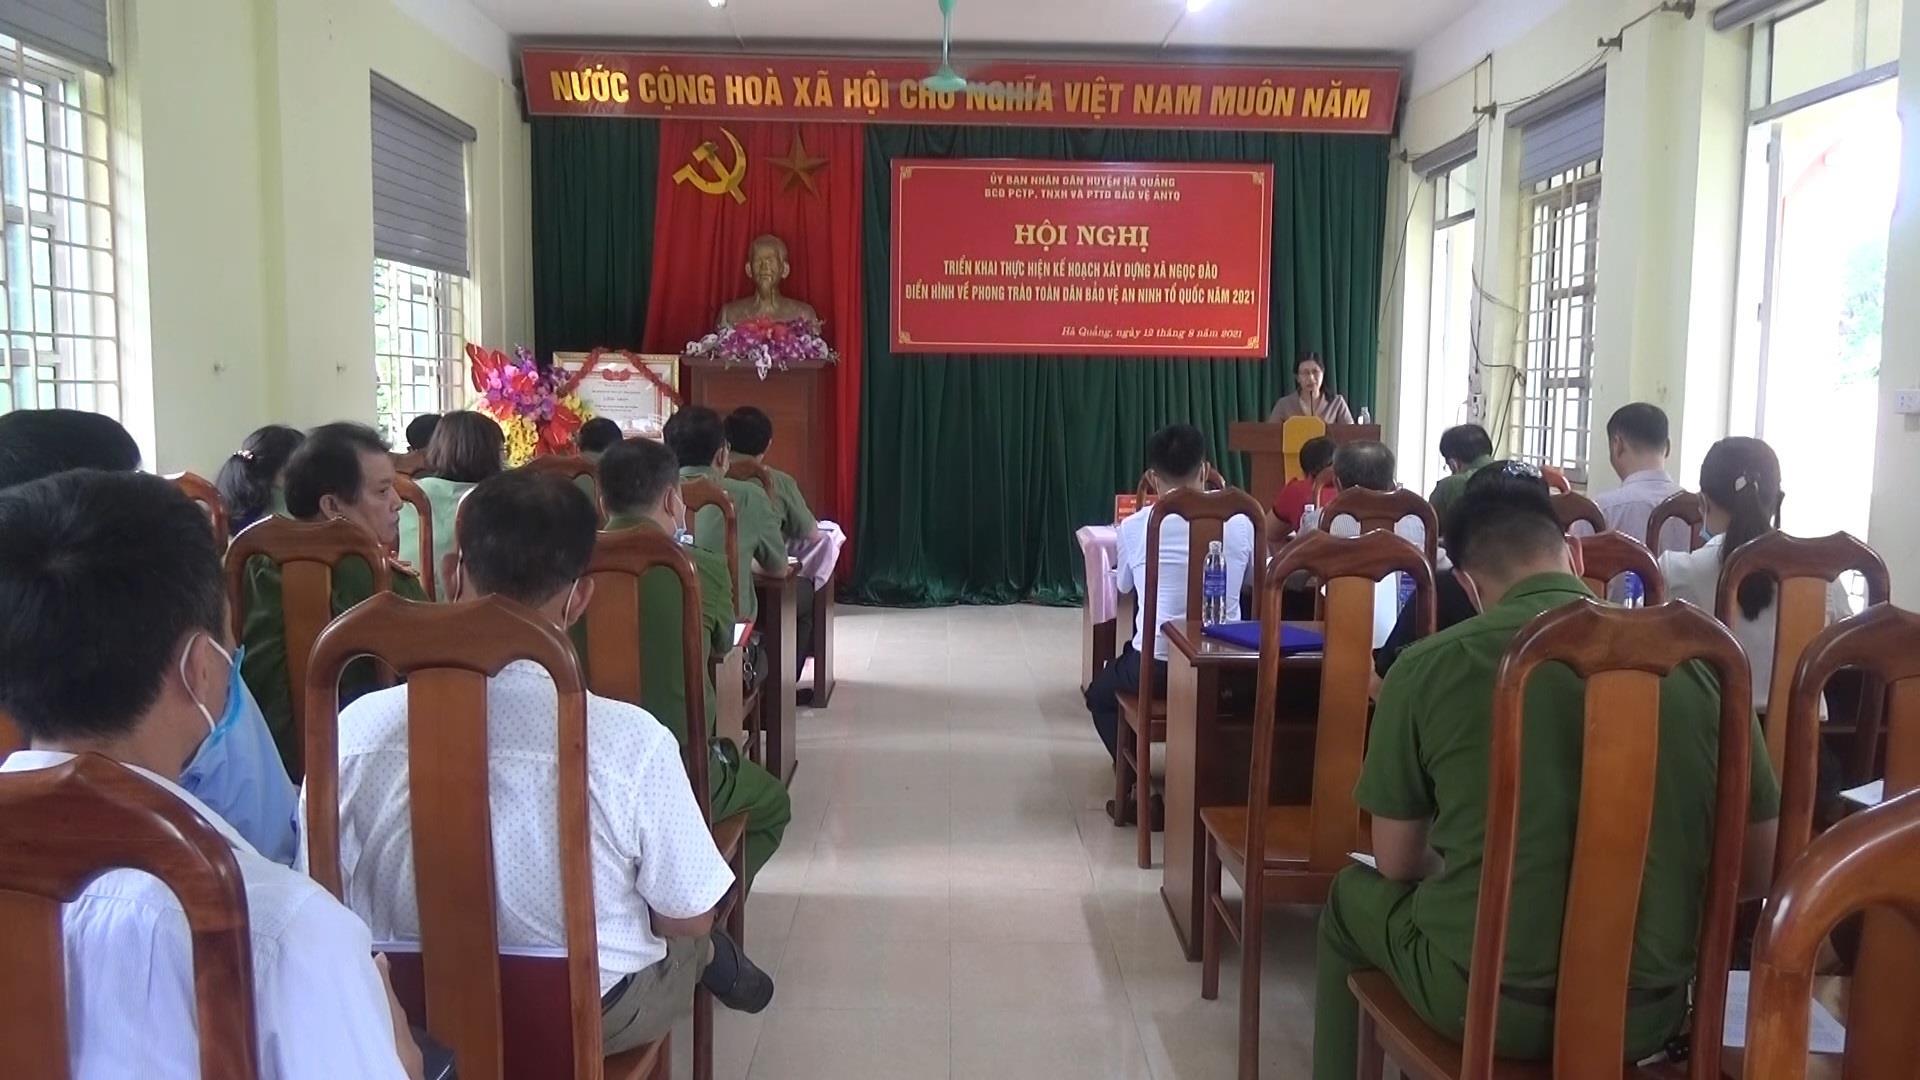 Hà Quảng: Hội nghị triển khai xây dựng xã điển hình về phong trào Toàn dân bảo vệ an ninh Tổ quốc